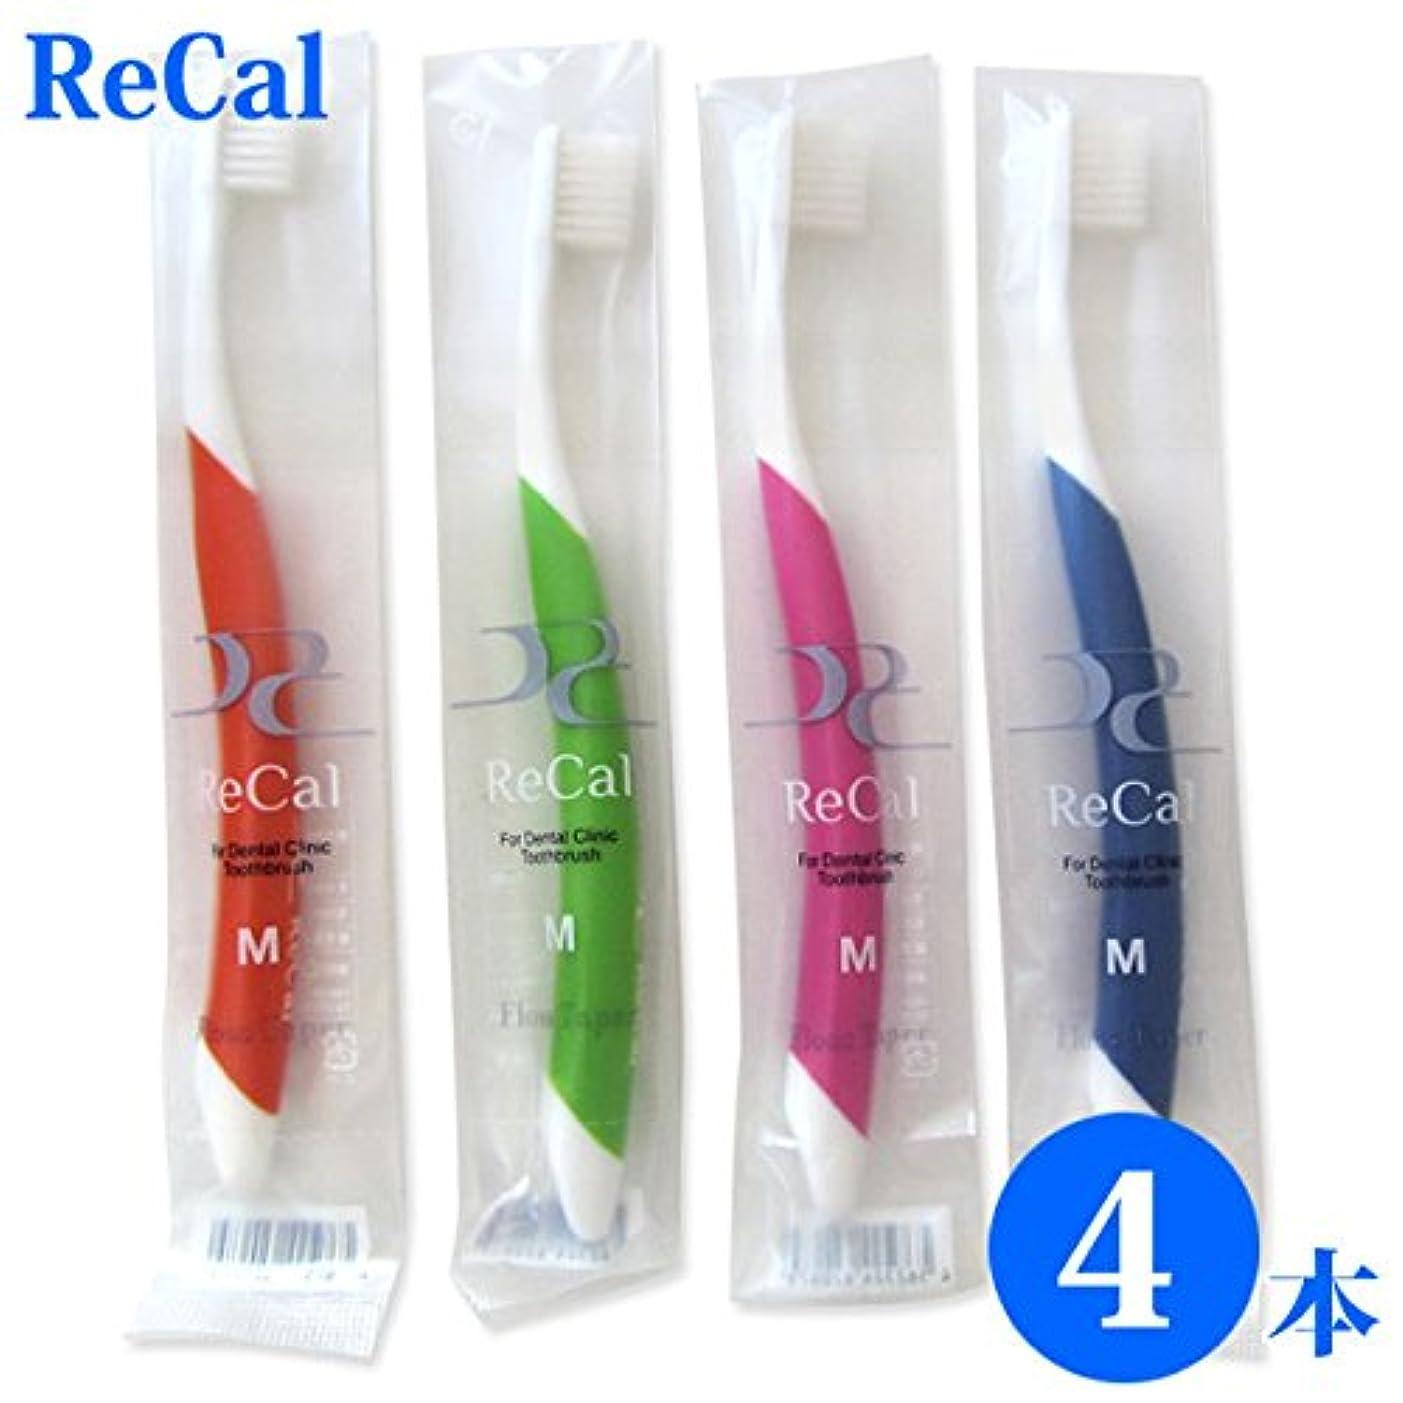 漏れ税金世辞リカル 4色セット 歯科医院専用商品 ReCal リカル M 大人用 一般 歯ブラシ4本 場合20本ま